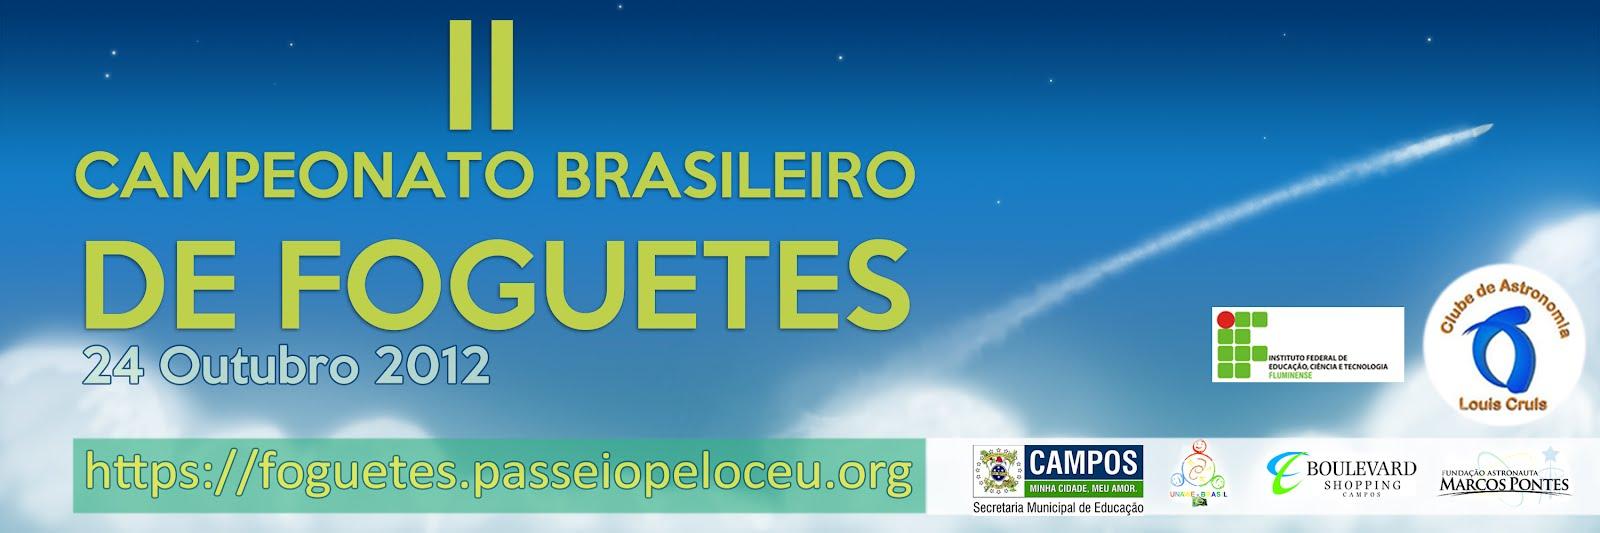 Campeonato Brasileiro de Foguetes